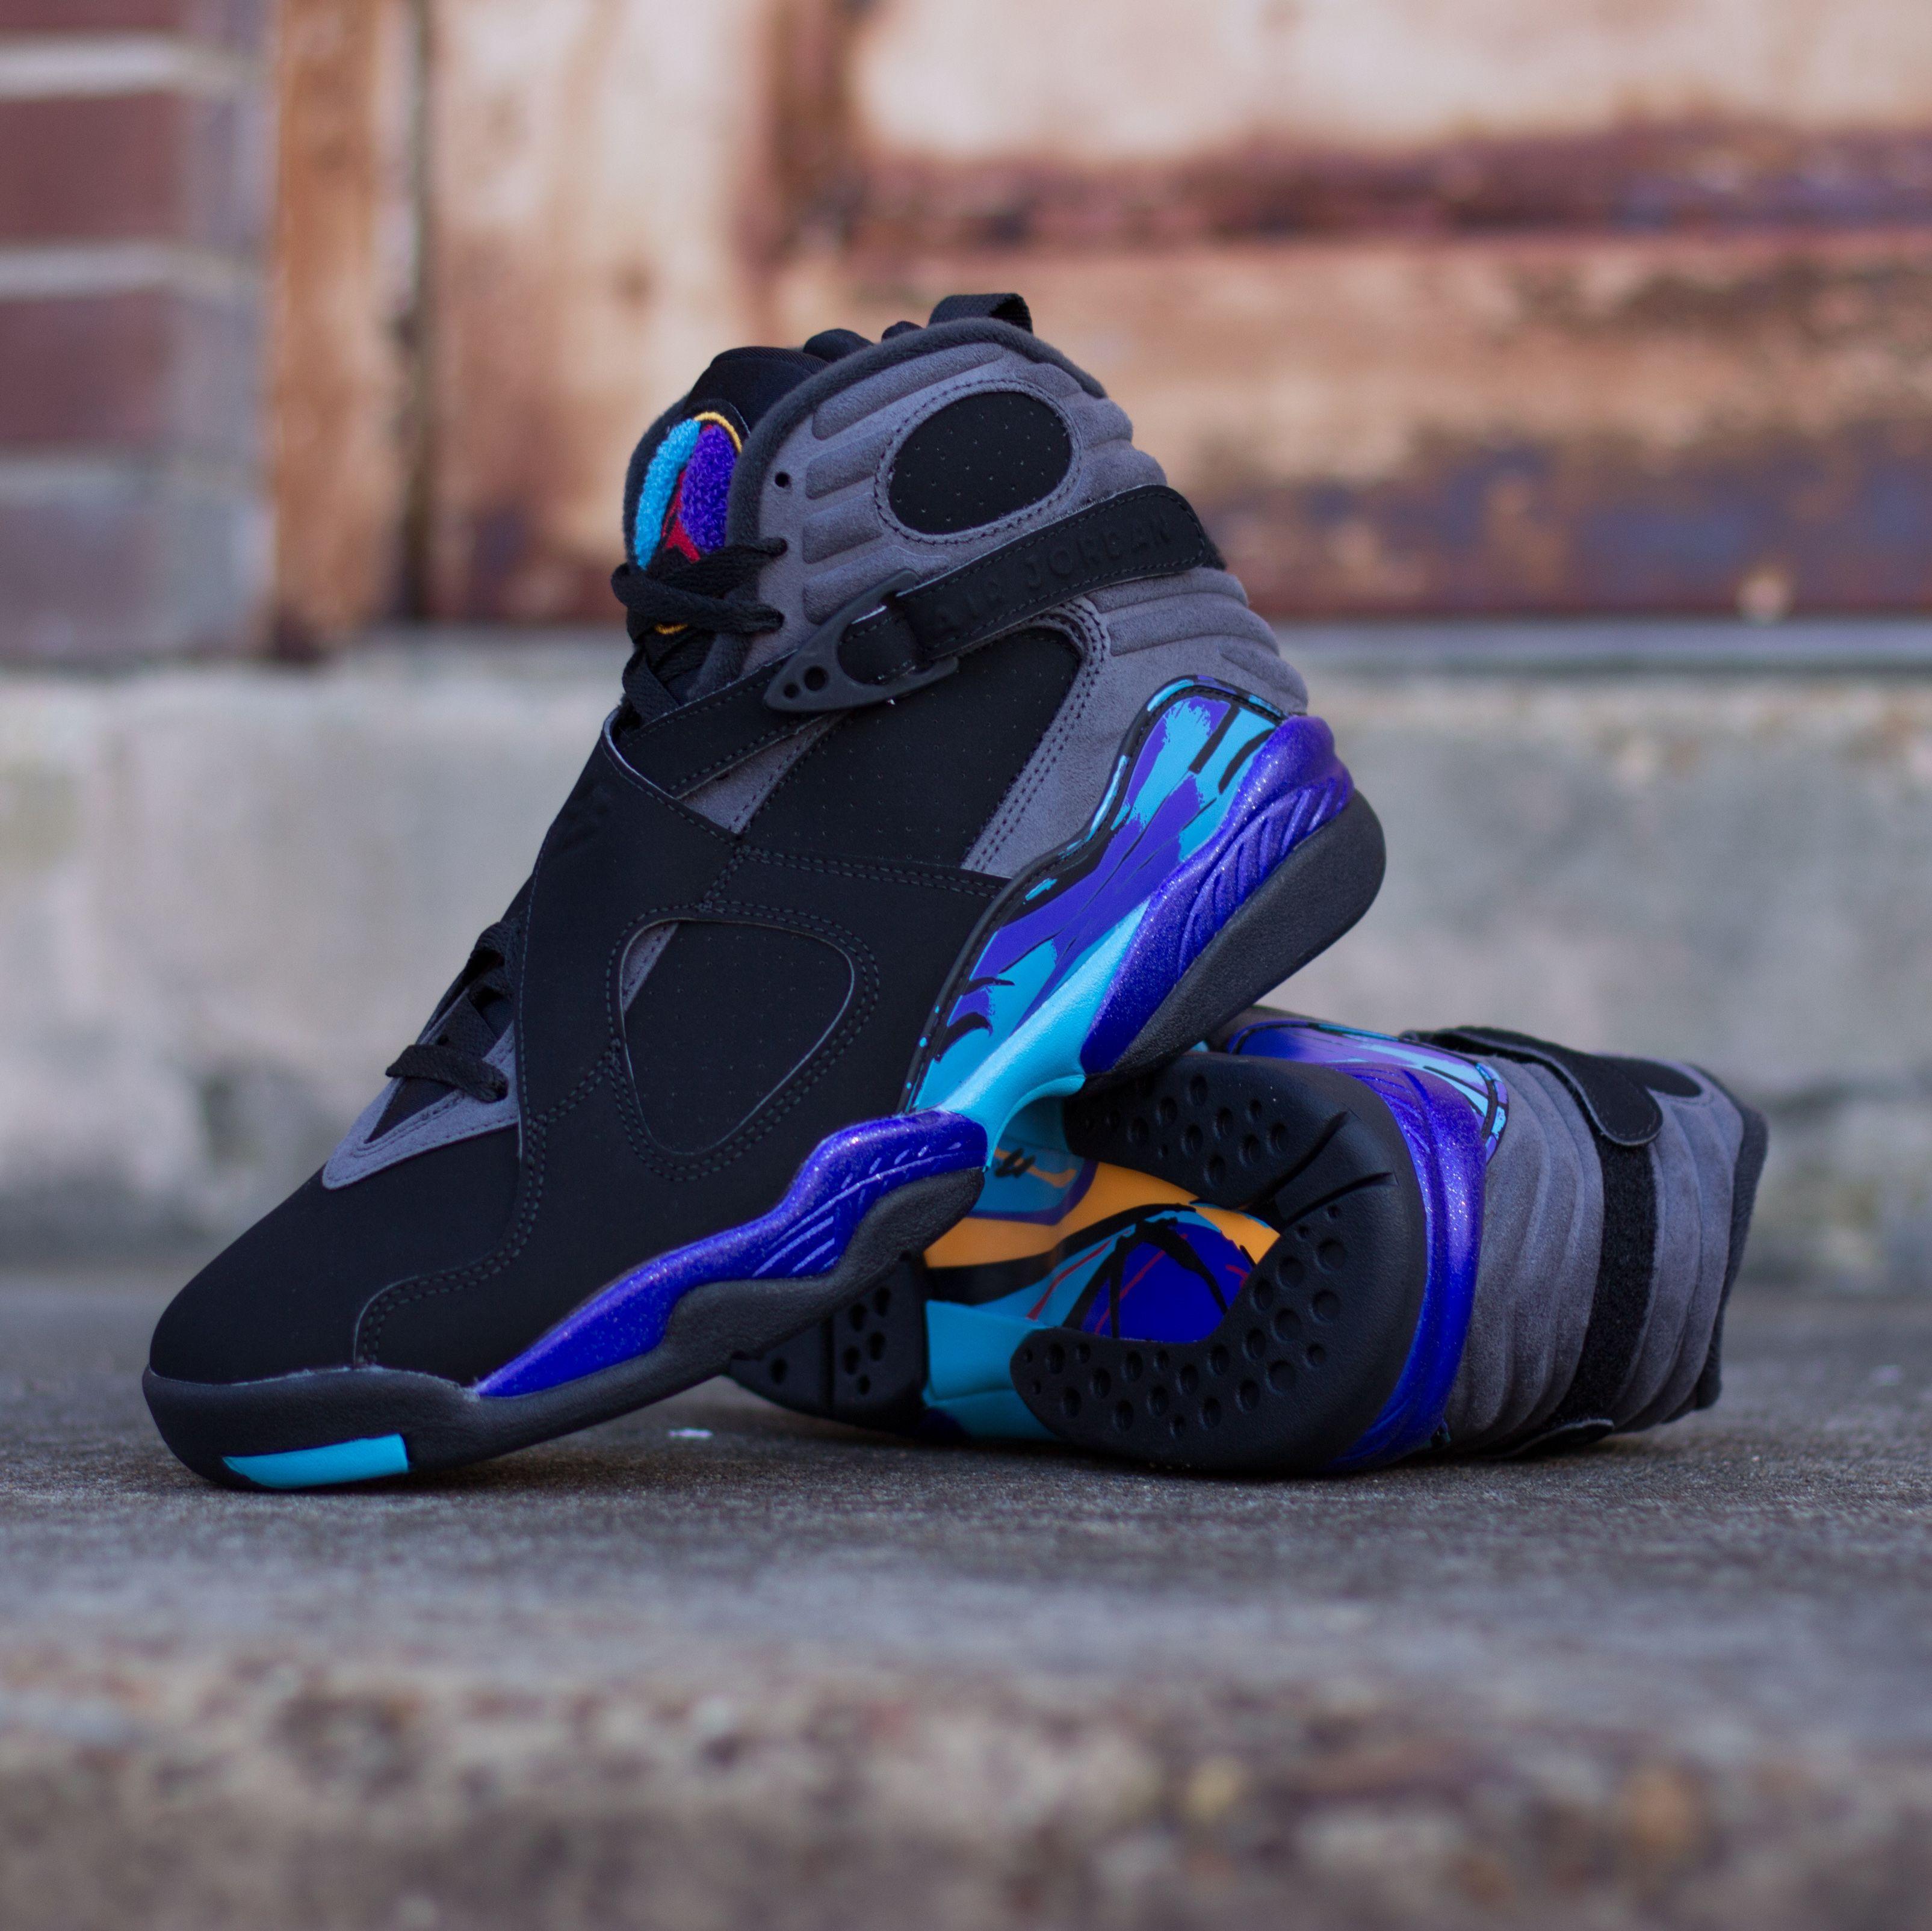 The Air Jordan 8 Retro \